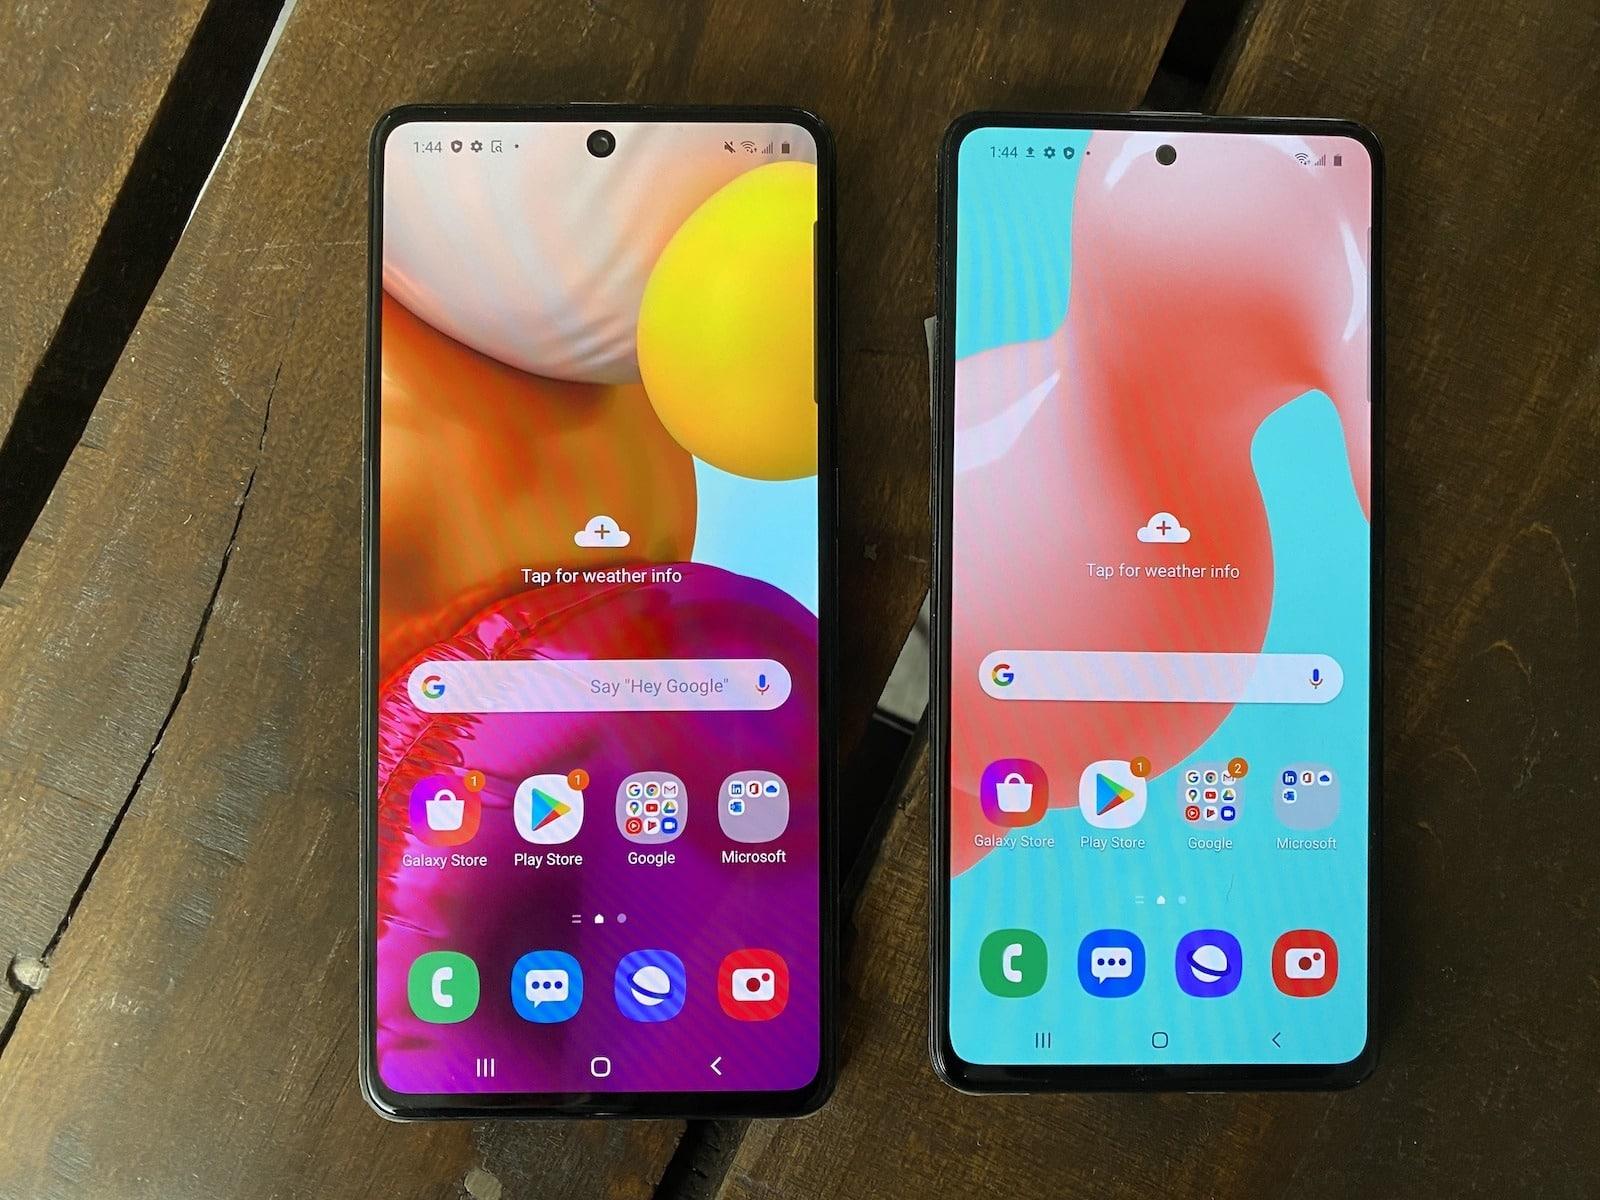 Samsung Galaxy A51 A71 Smartphone Review Techgadgetscanada Com